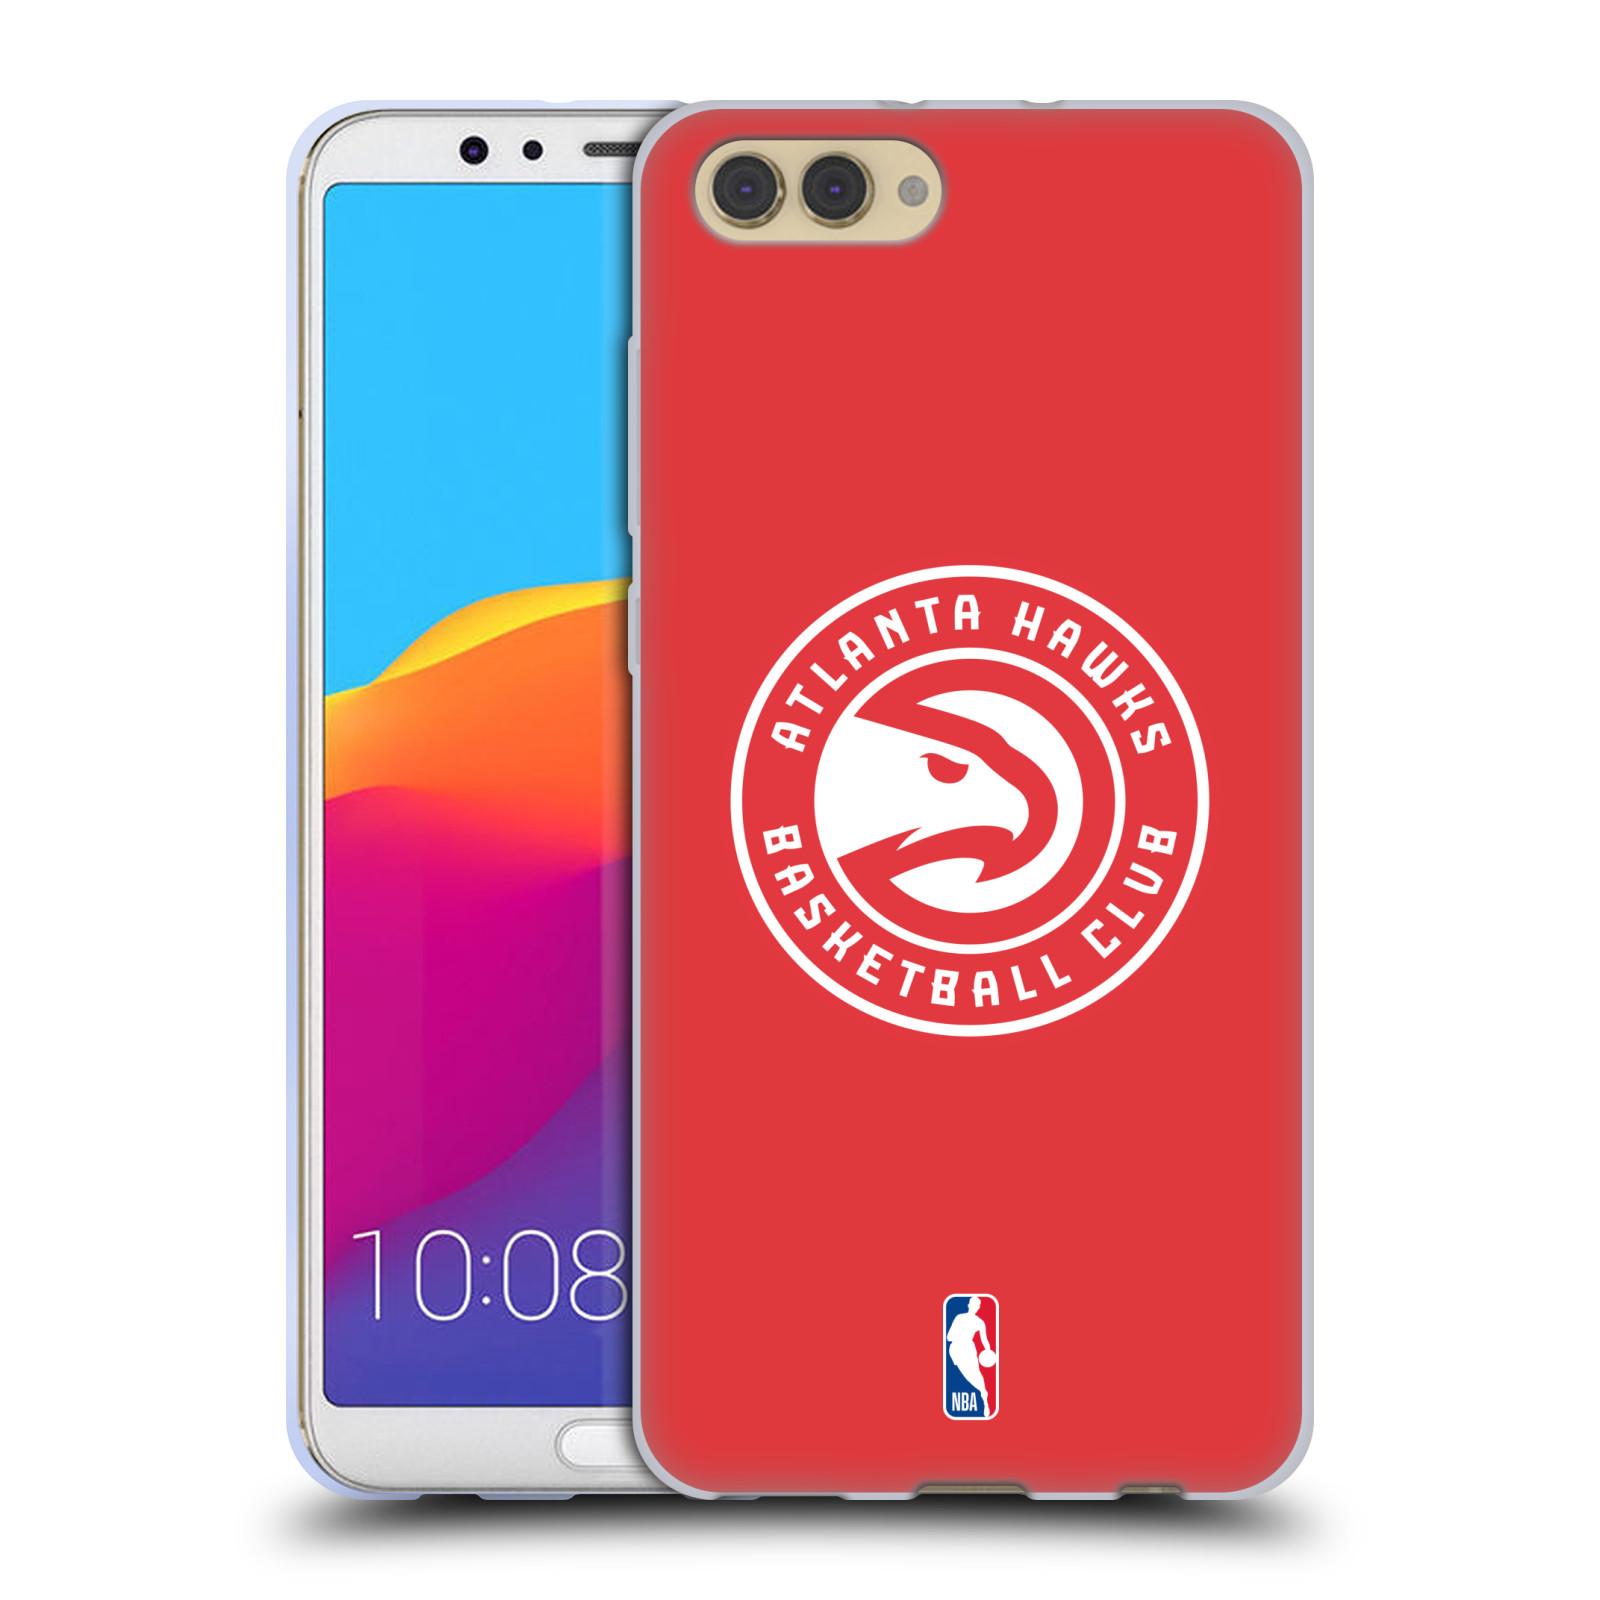 HEAD CASE silikonový obal na mobil Huawei HONOR VIEW 10 / V10 NBA Basketbalový klub Atlanta Hawks červené pozadí velké bílé logo